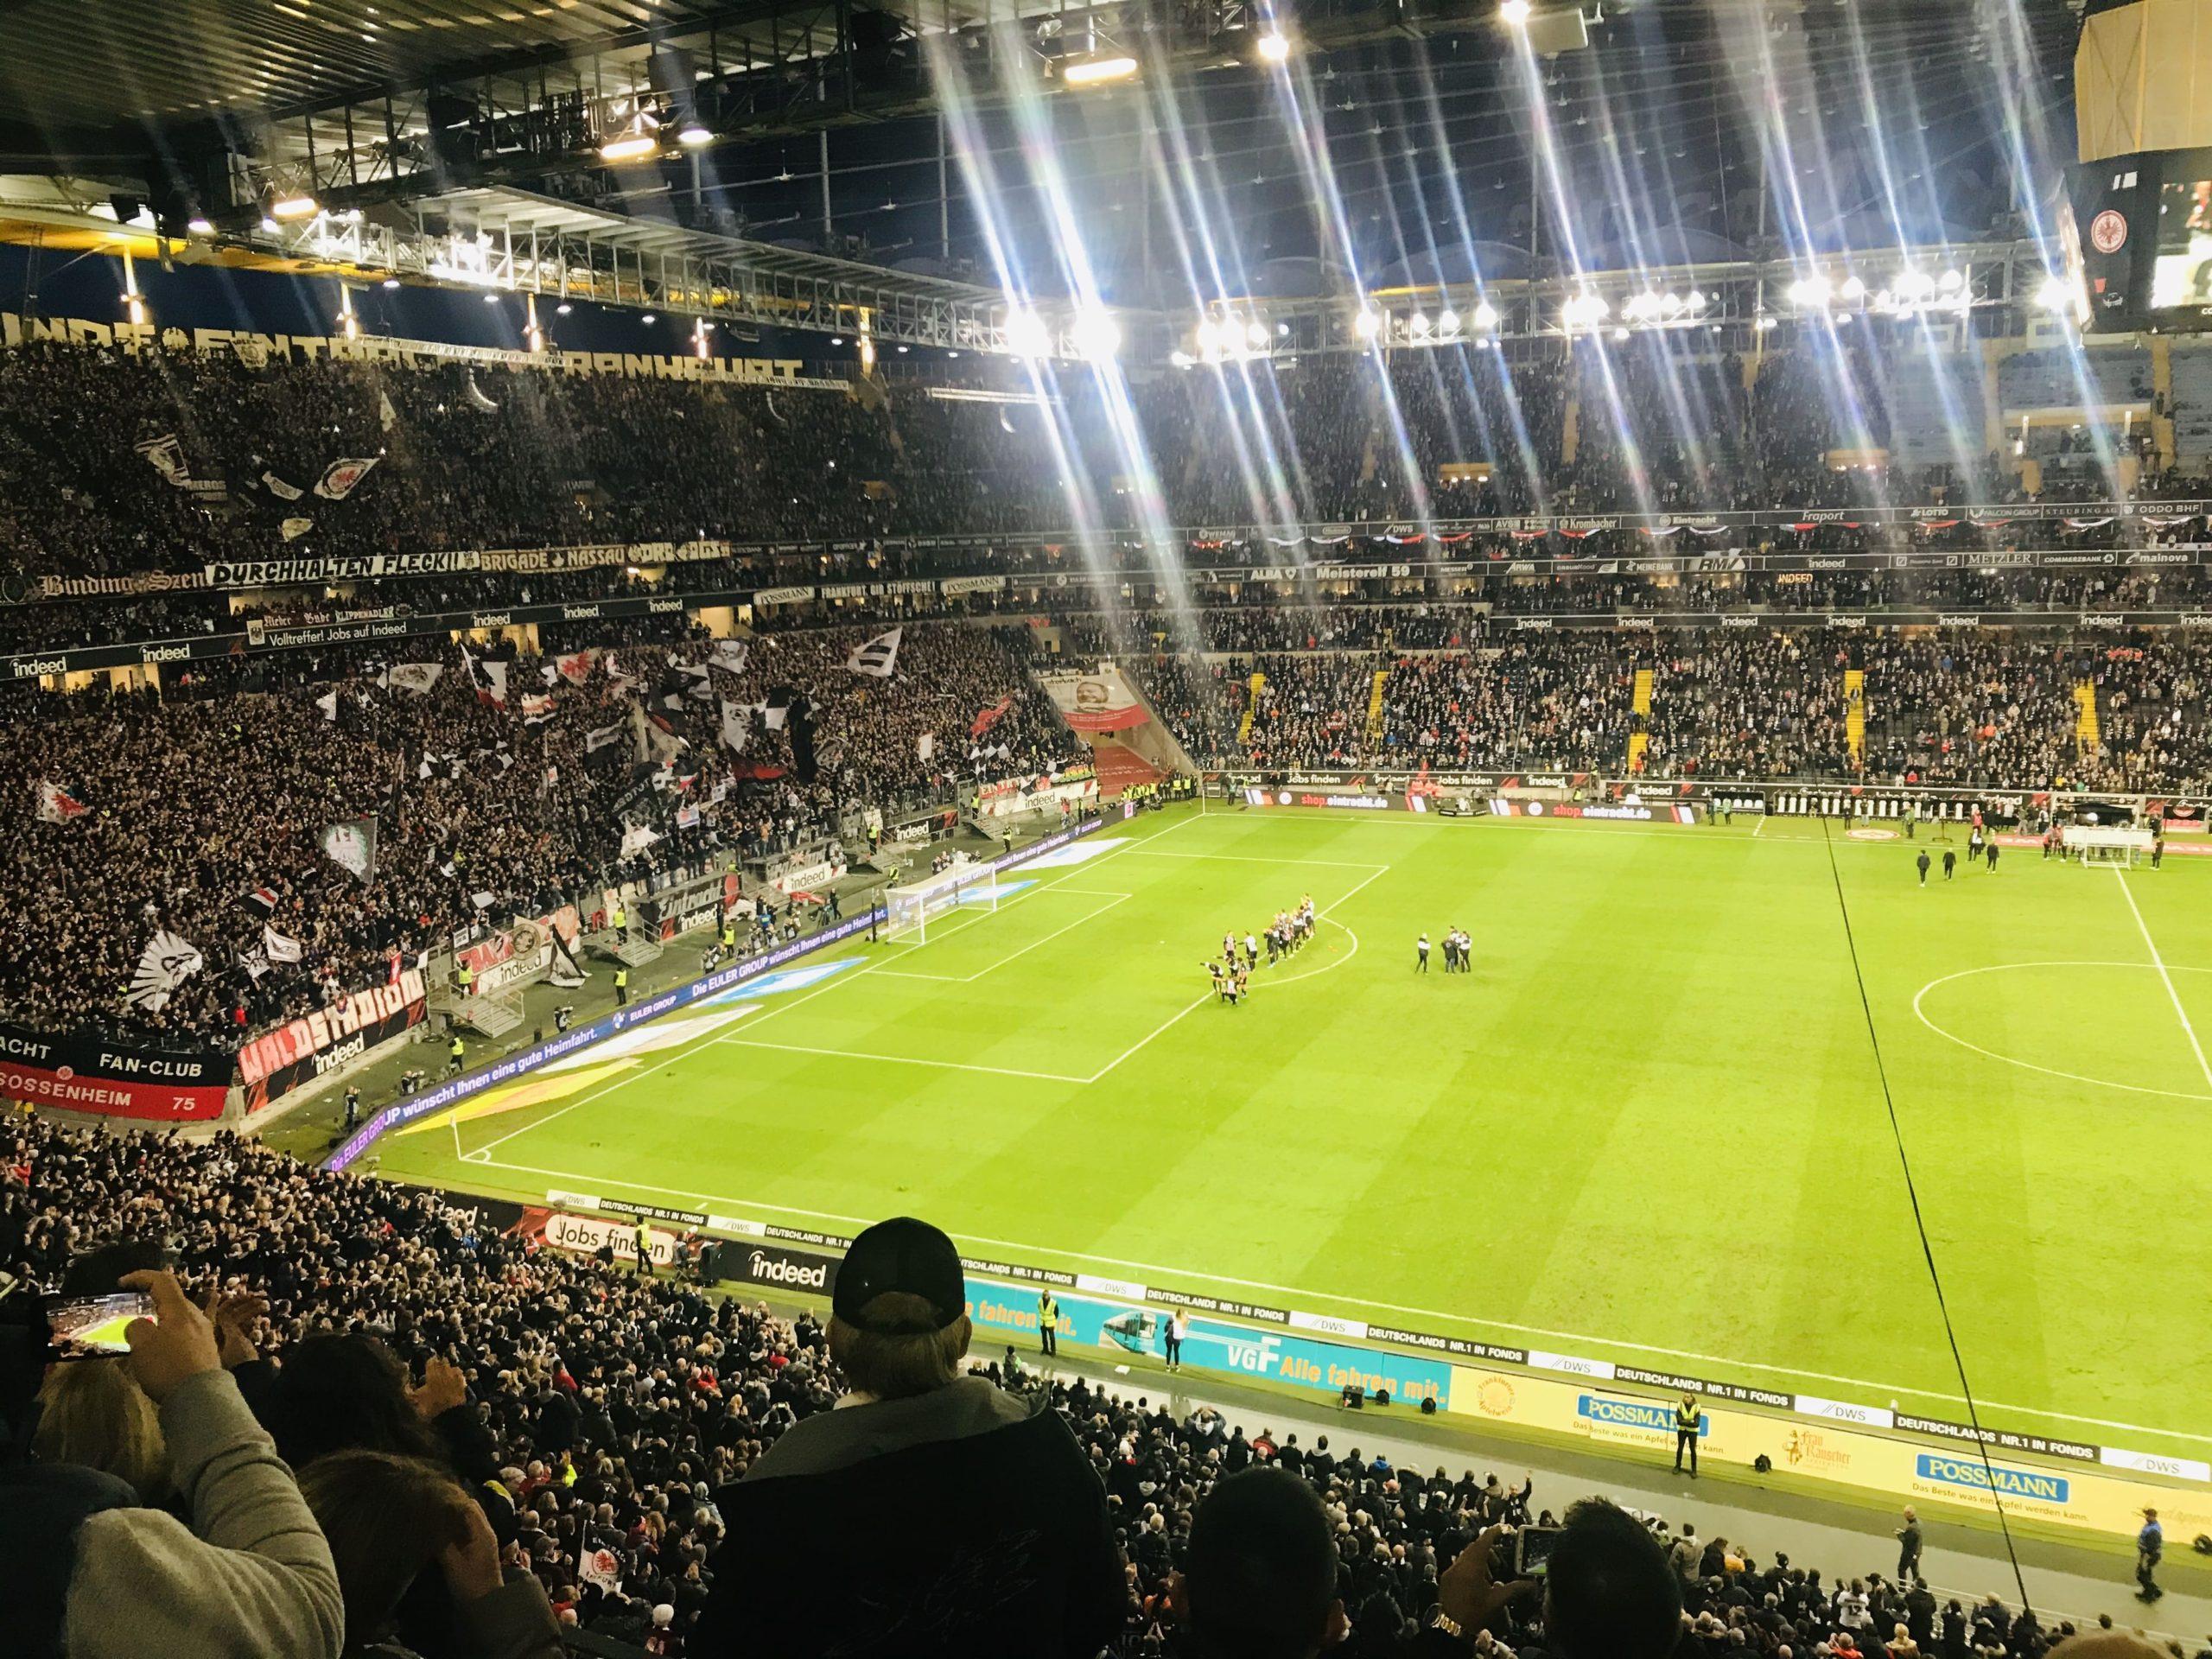 ブンデスリーガを観戦する際の6つの注意点